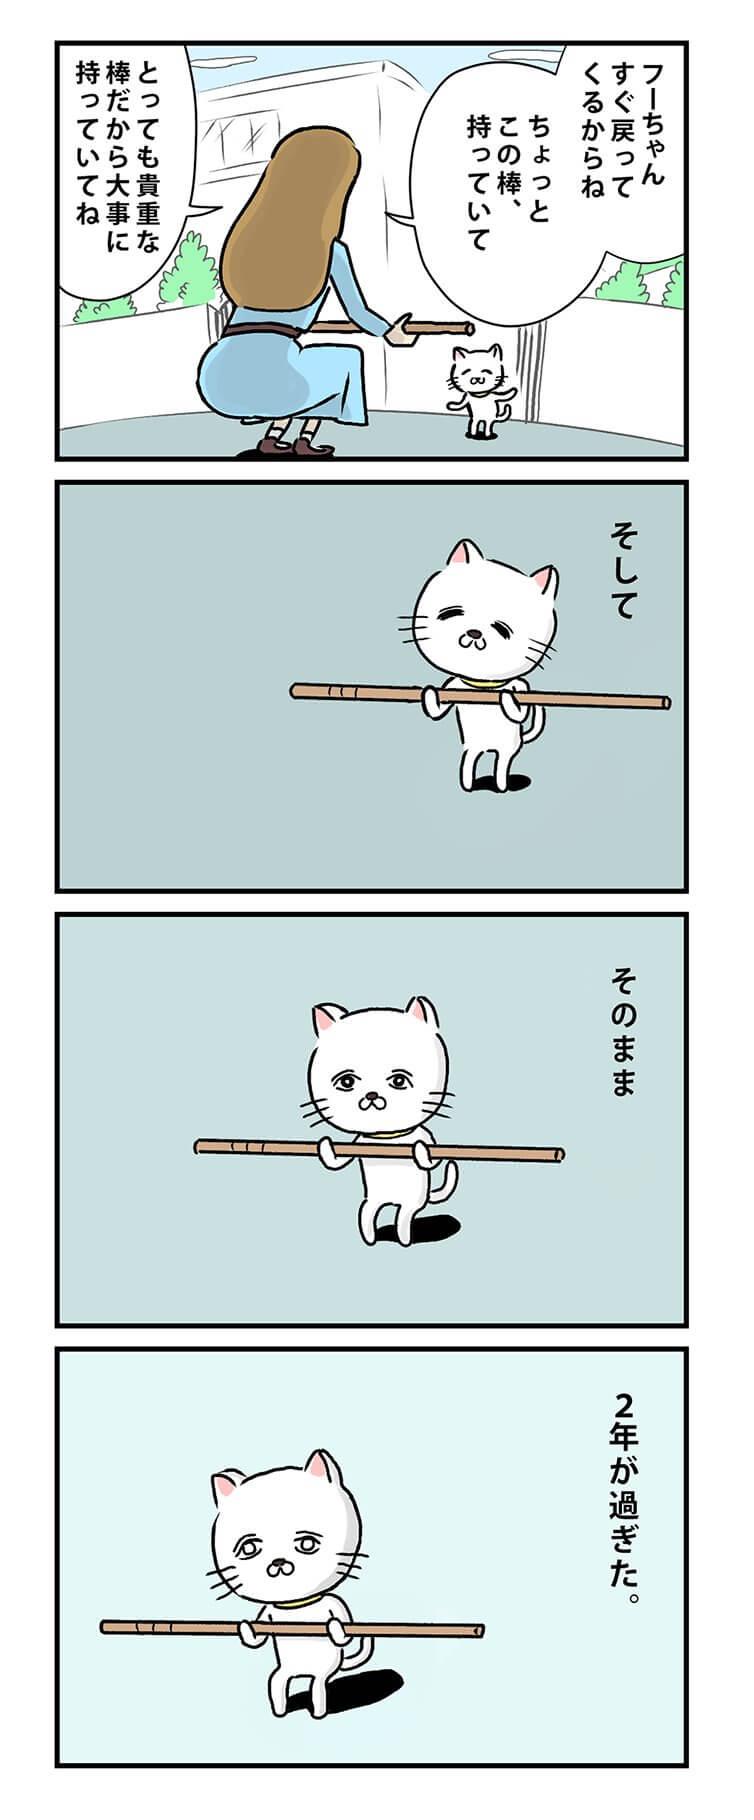 マンガ「貴重な棒を持つネコ」の冒頭シーン